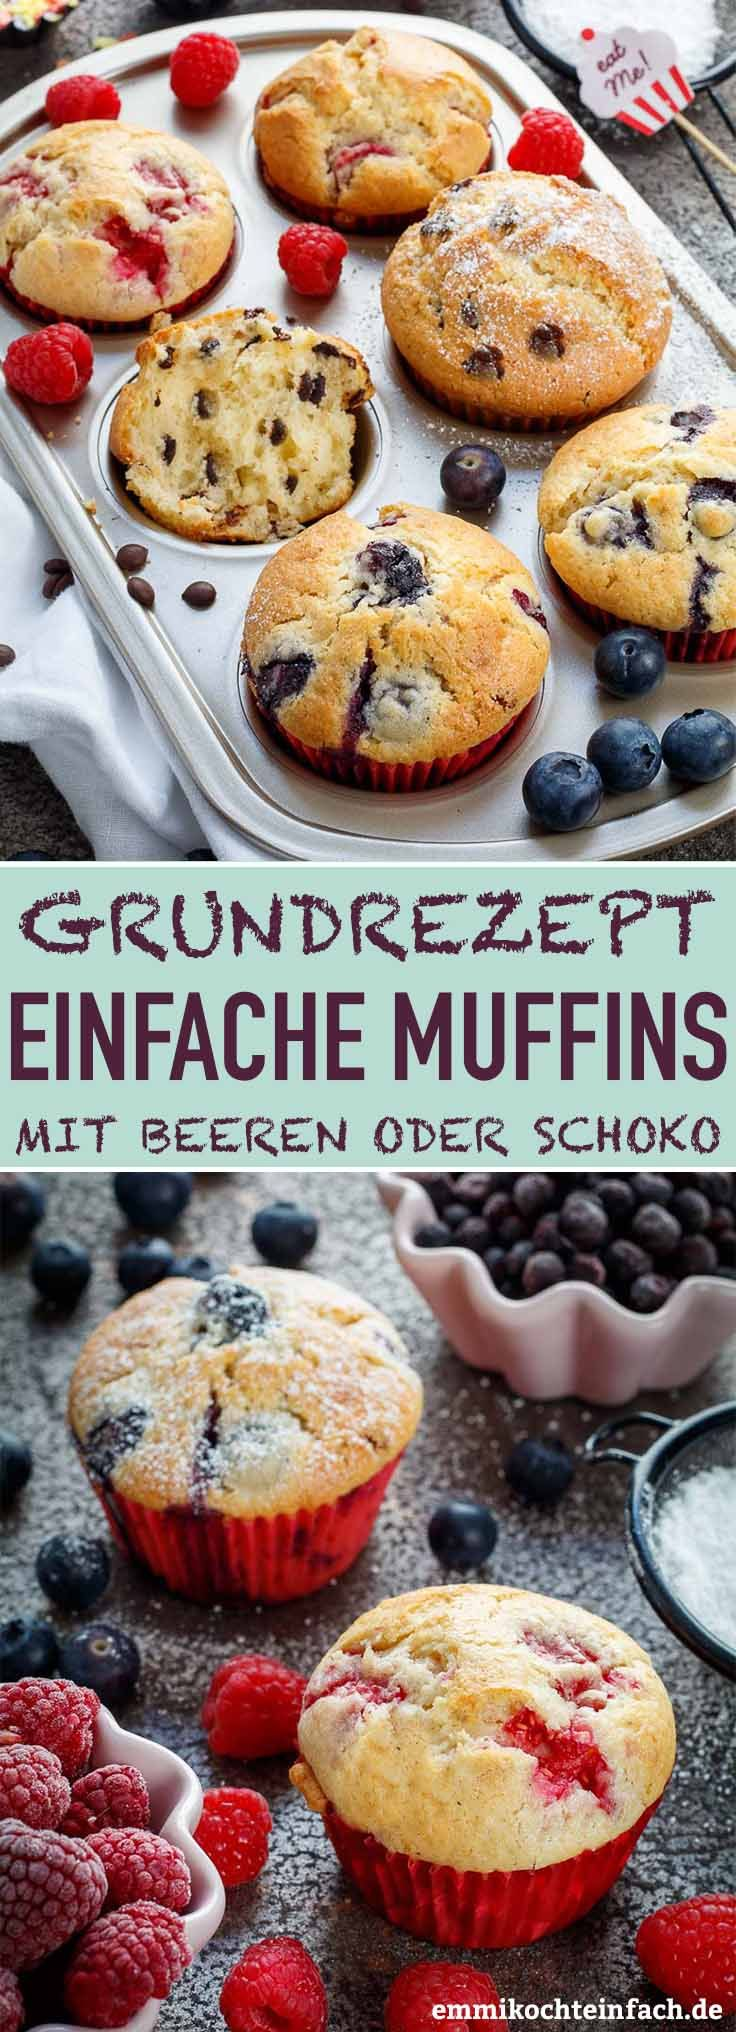 Muffins Grundrezept – so einfach und lecker – emmikochteinfach